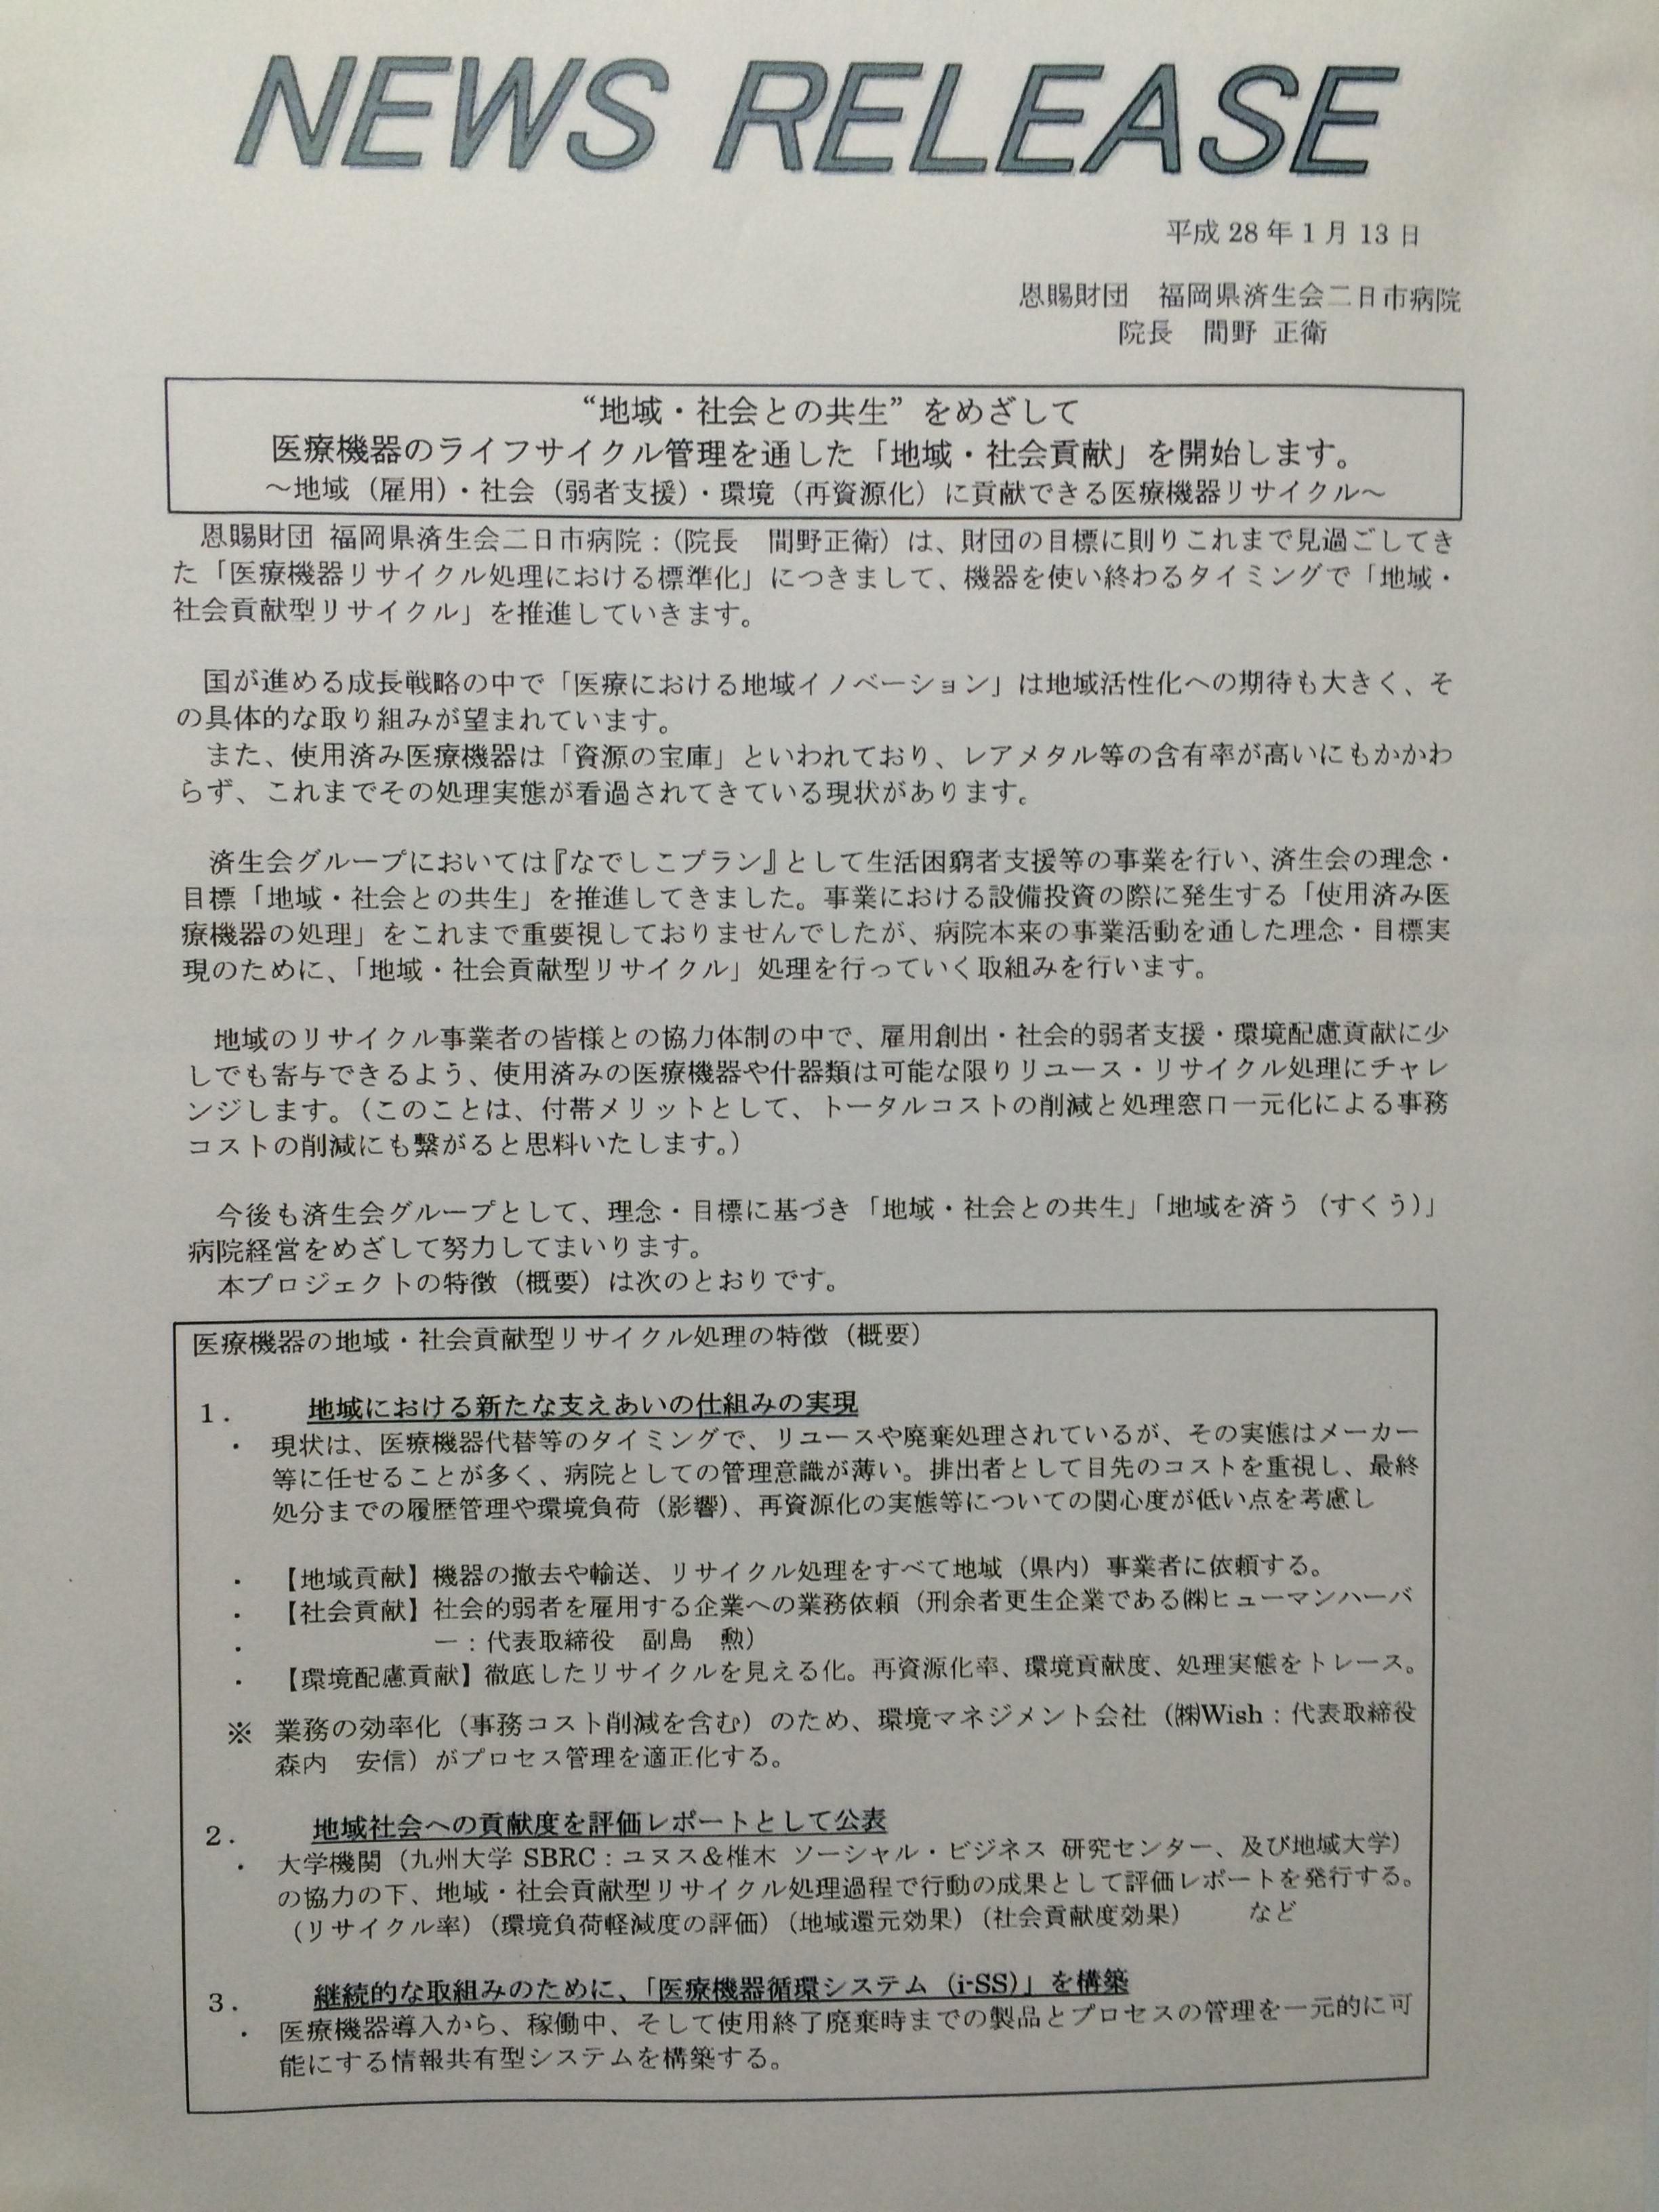 発表資料 (2)